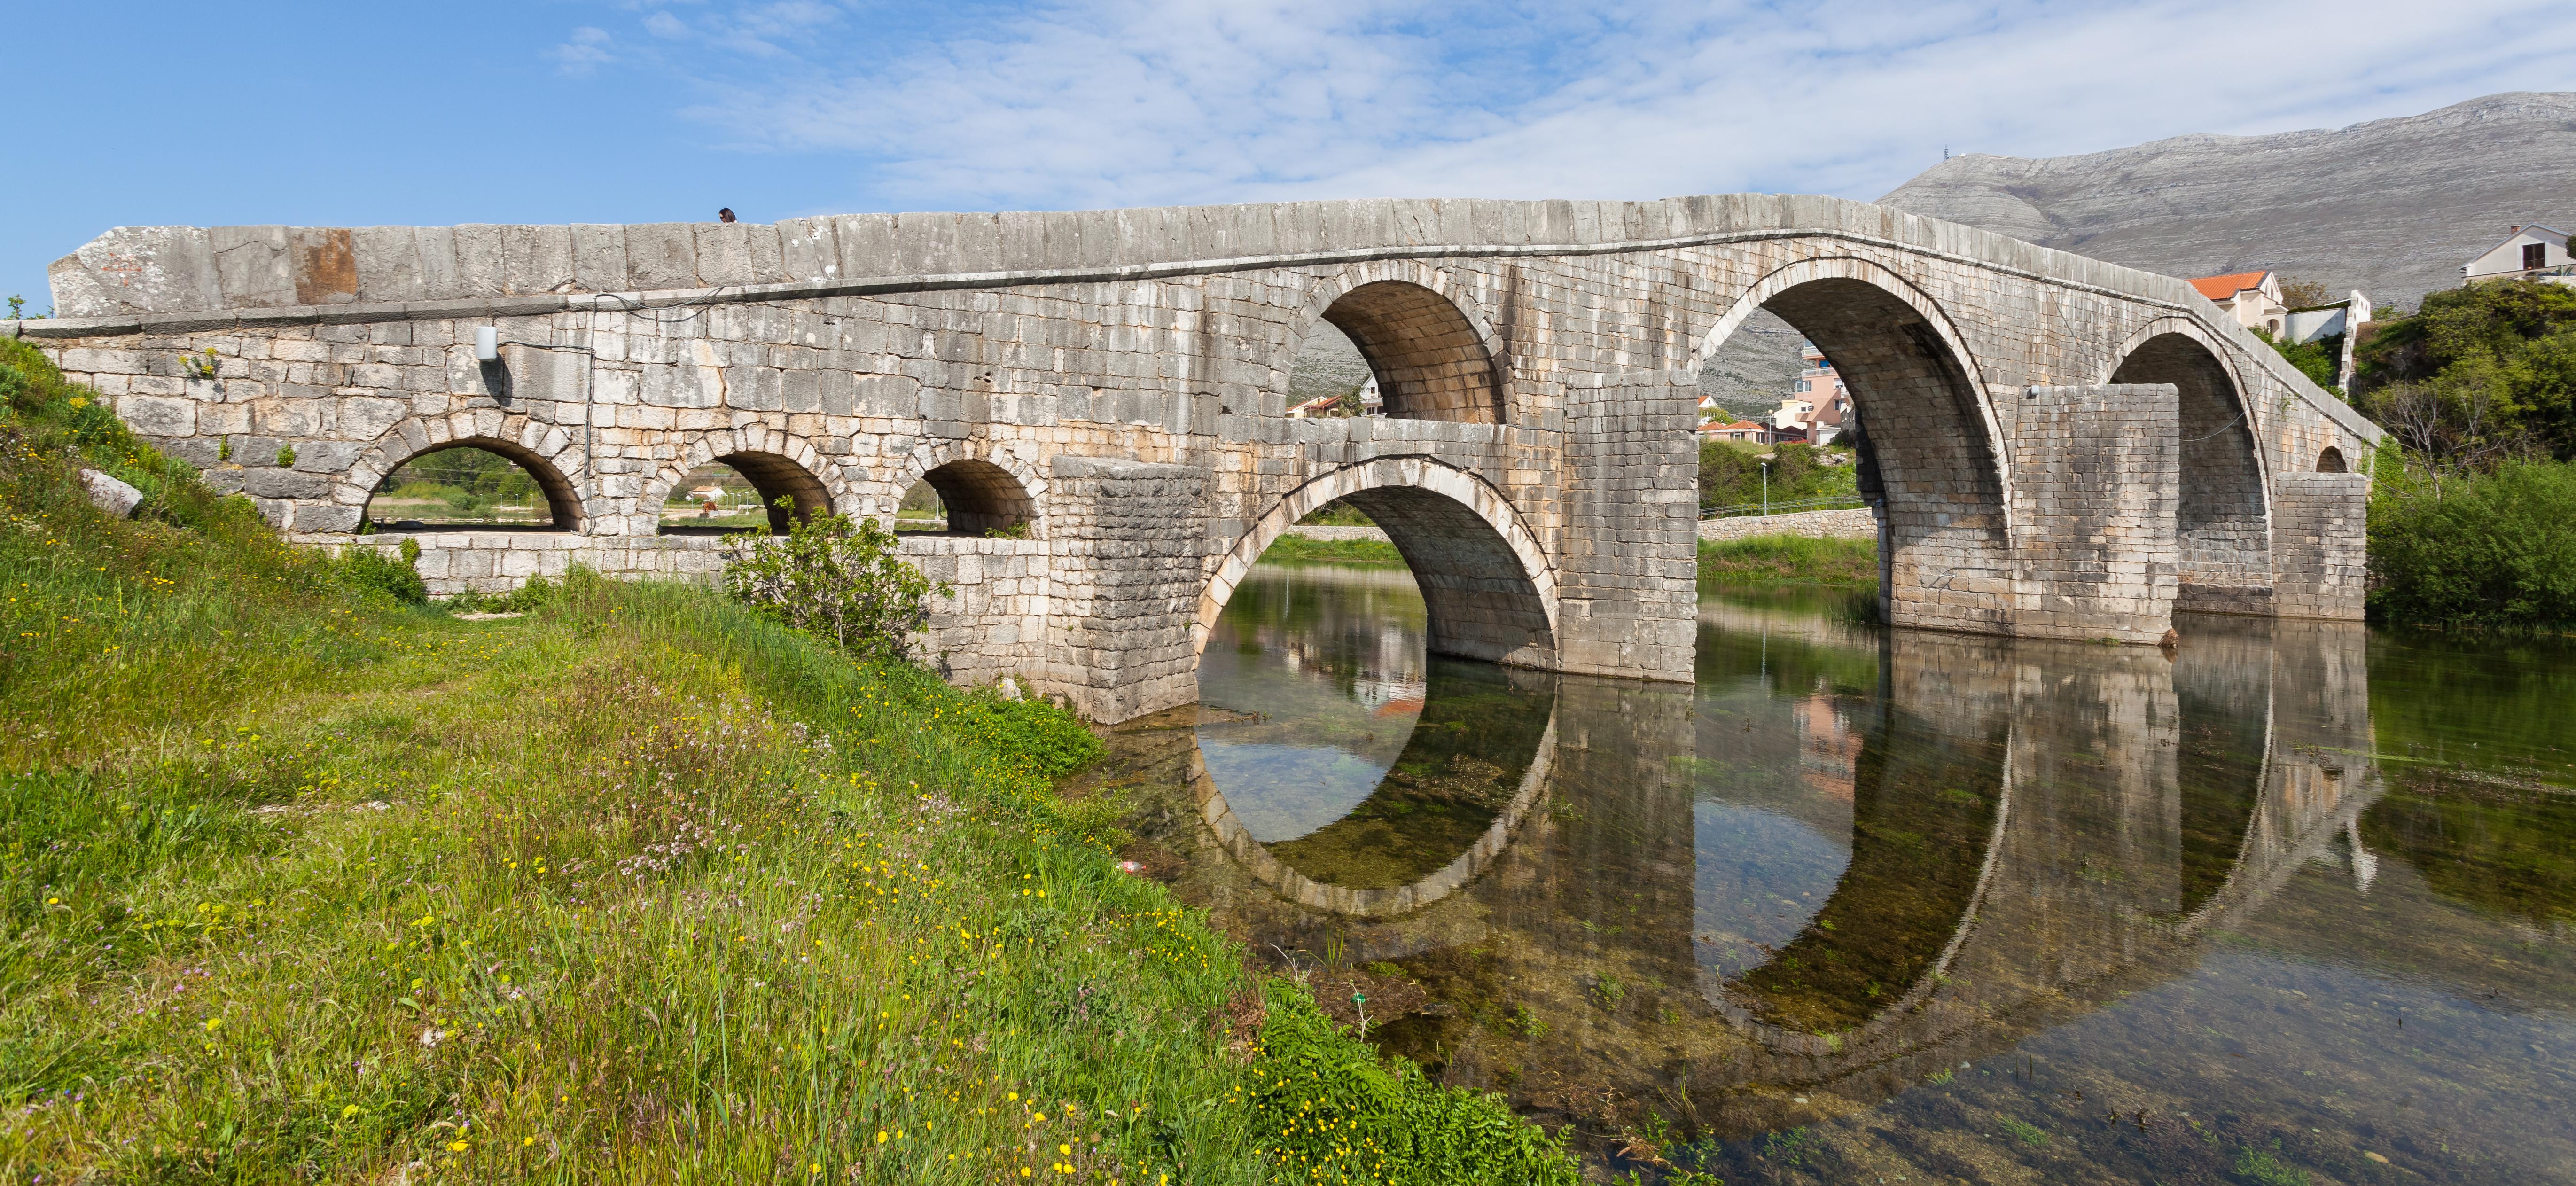 datiranje s mosta